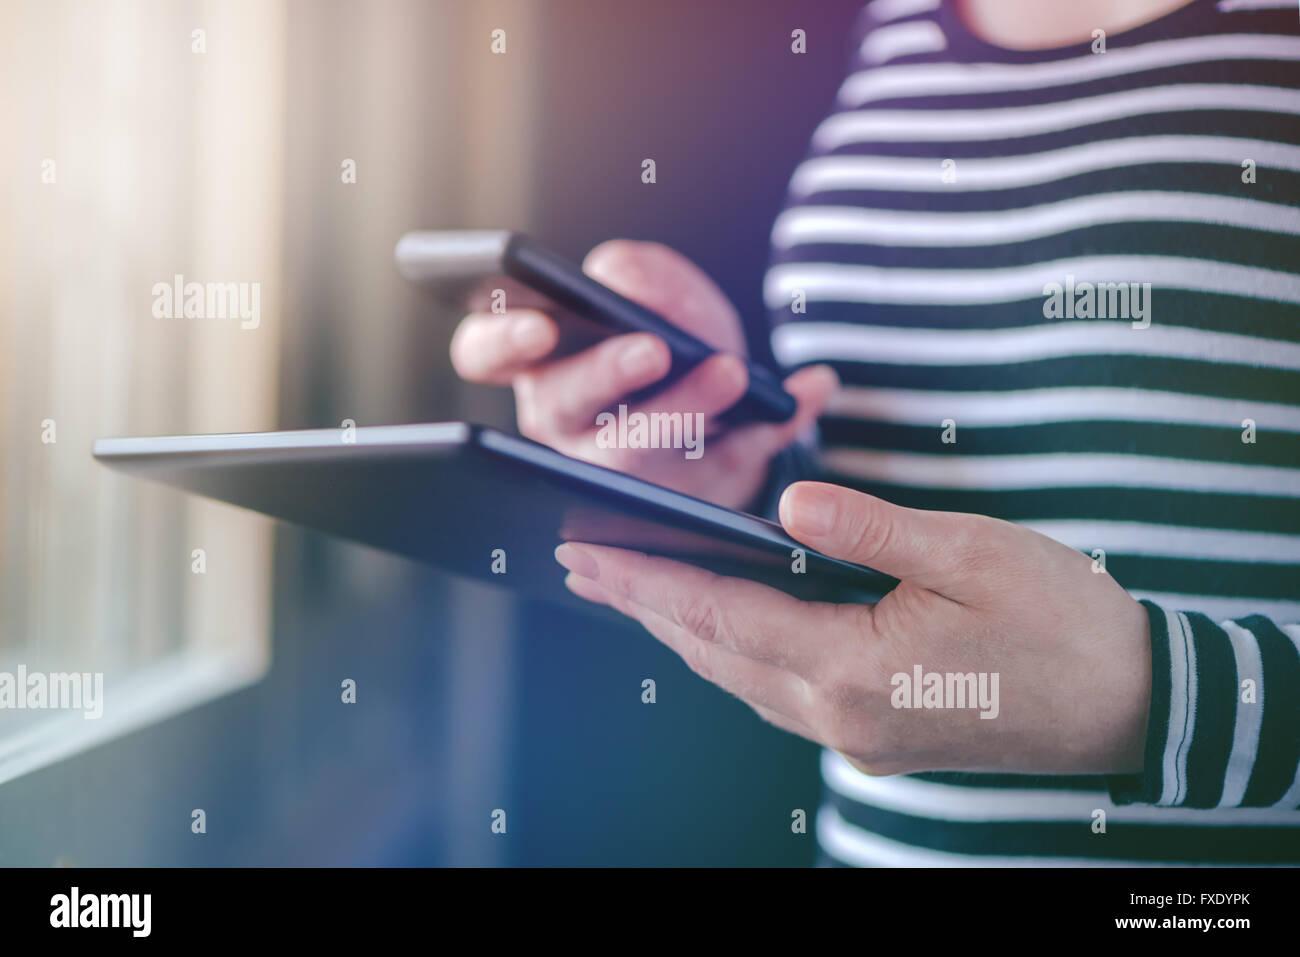 Smartphone e Tablet la sincronizzazione dei dati, la donna la sincronizzazione di file e documenti su personal wireless Immagini Stock